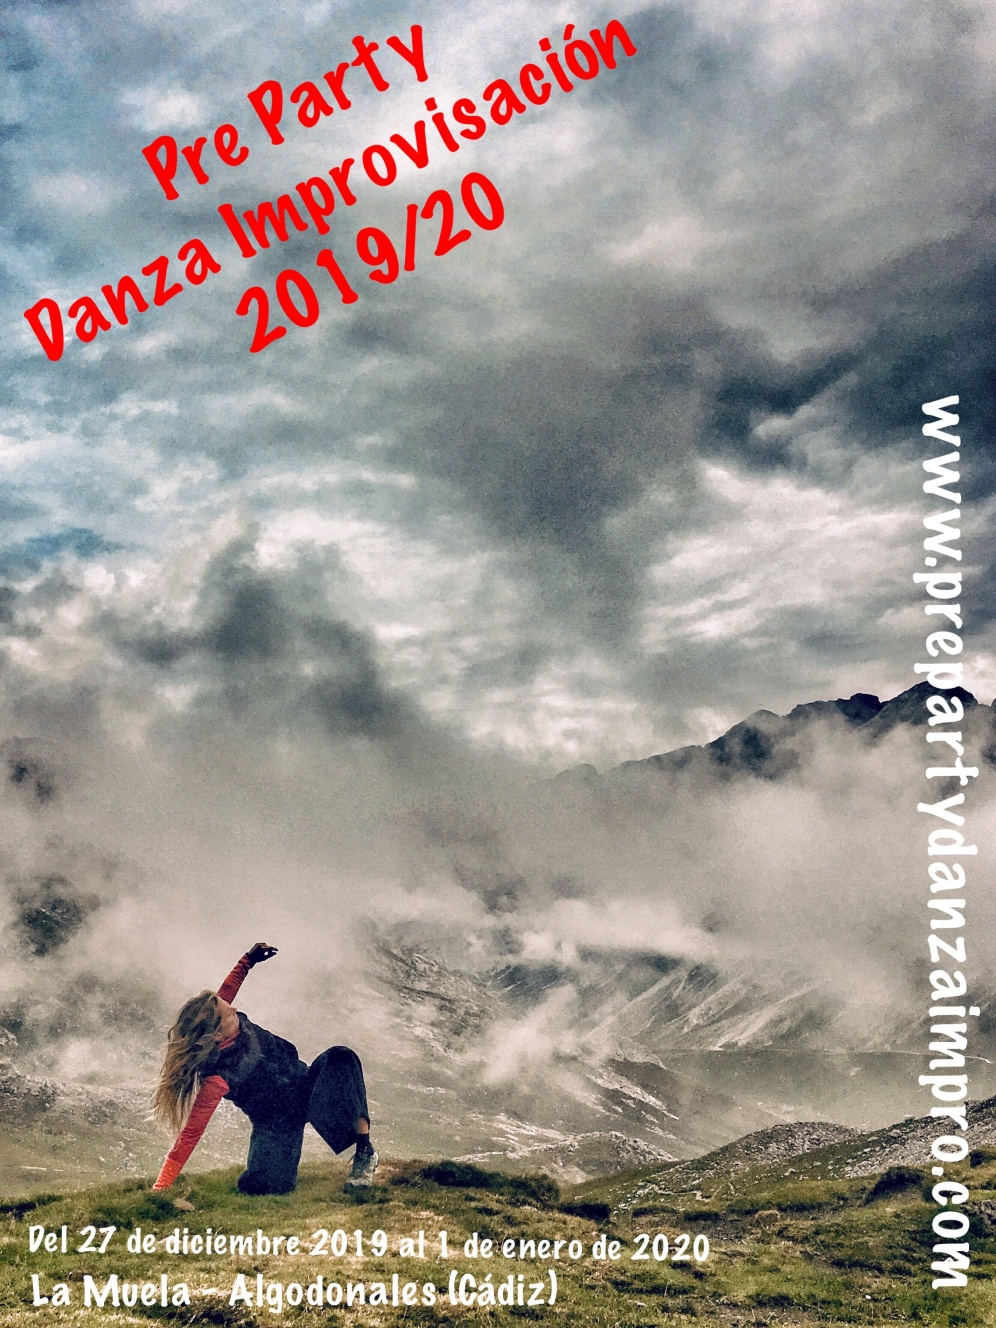 www.prepartydanzaimpro.com